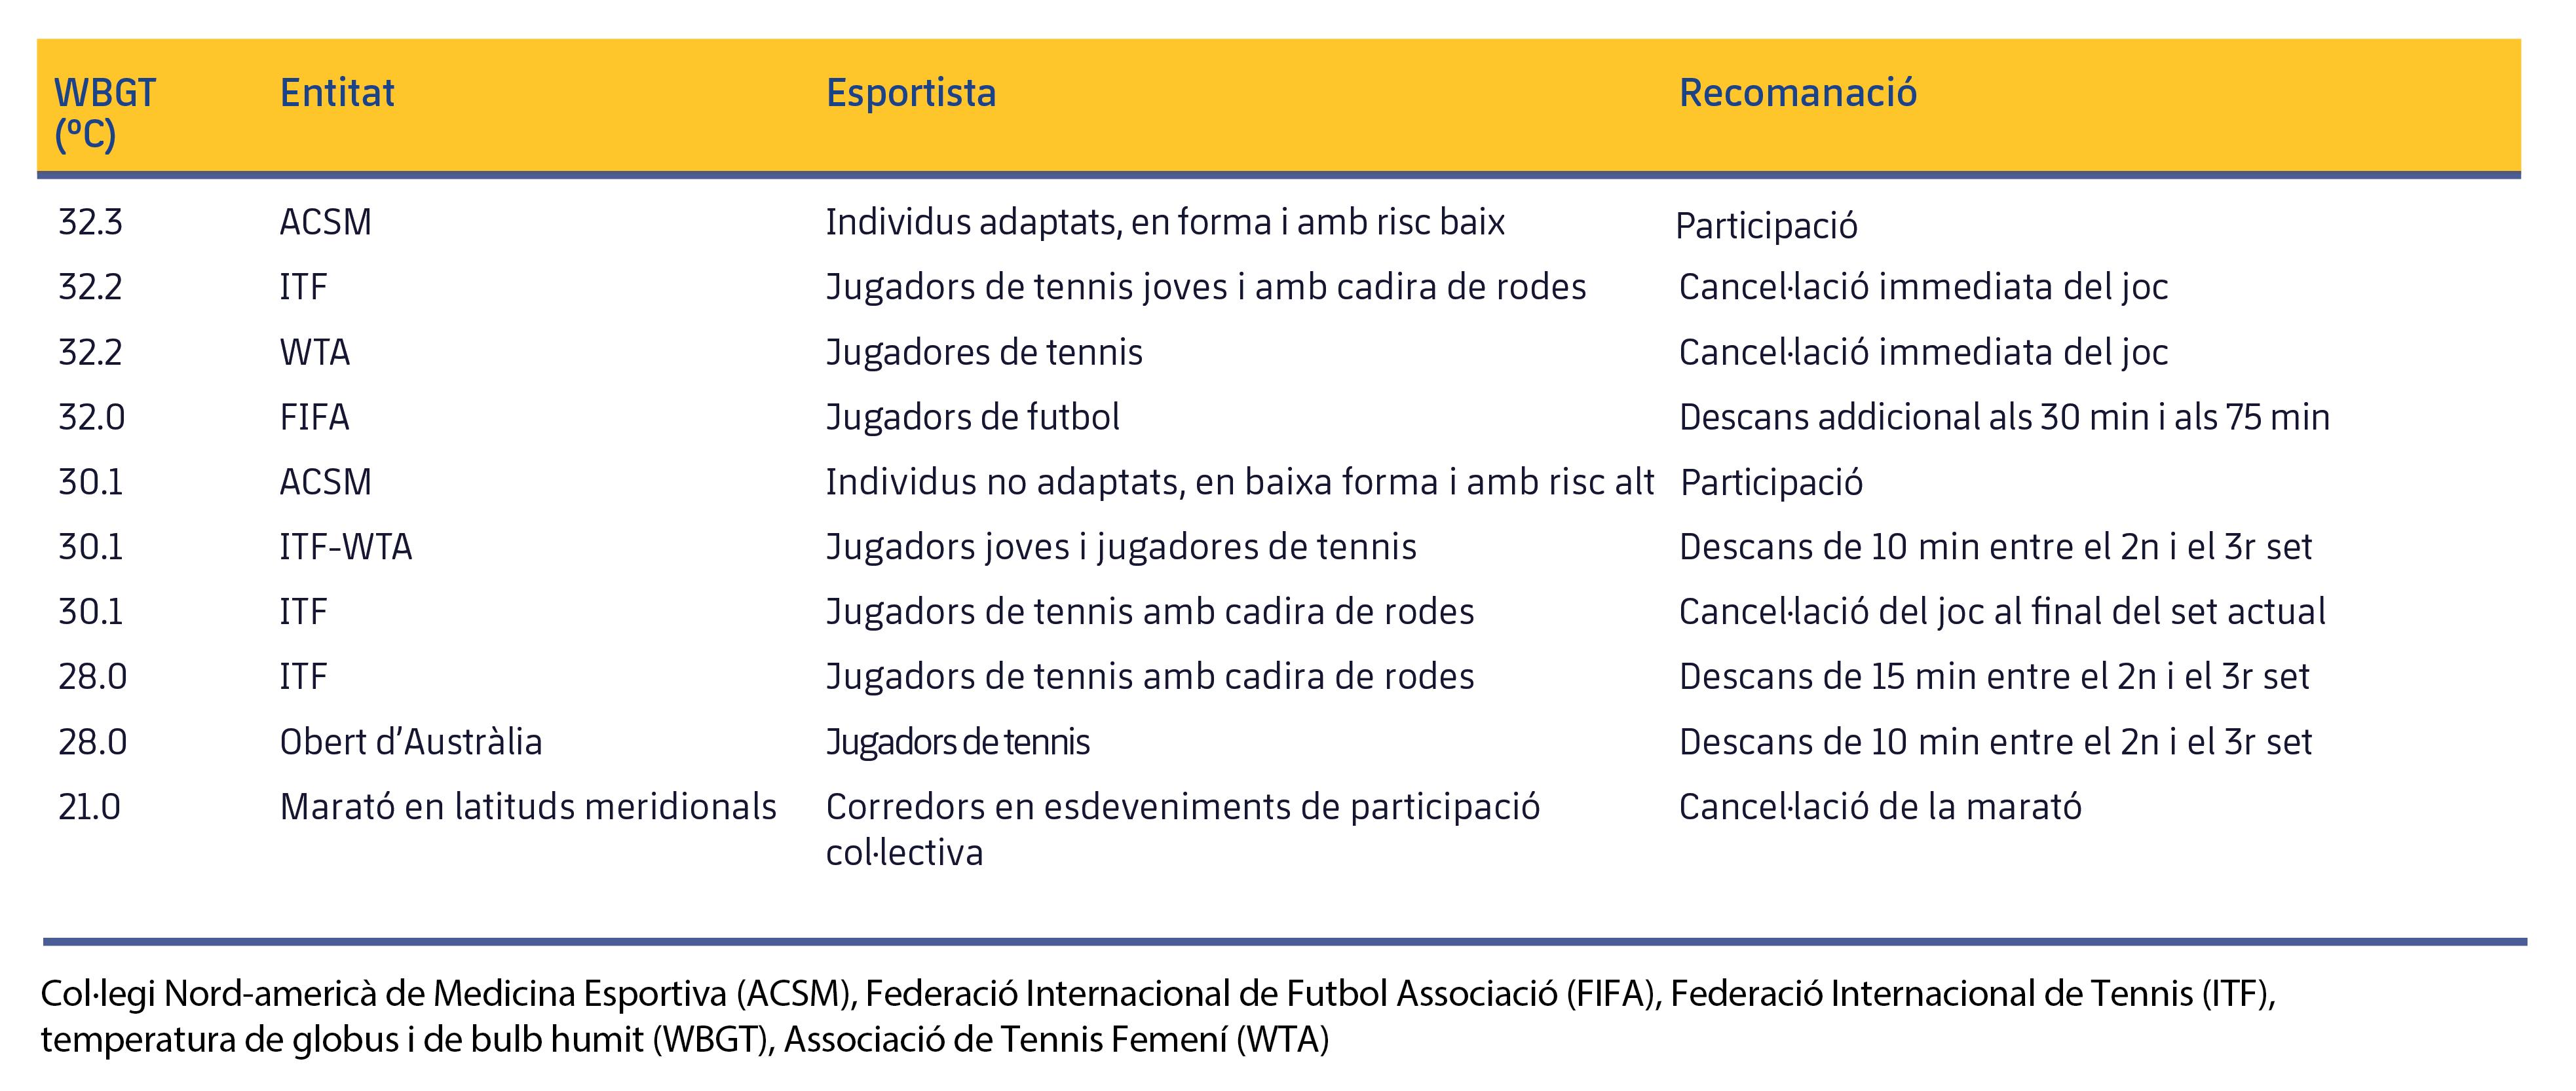 Figura 3. Mesures recomanades per diverses entitats esportives segons el WBGT. Modificat de Racinais et al. (2015).